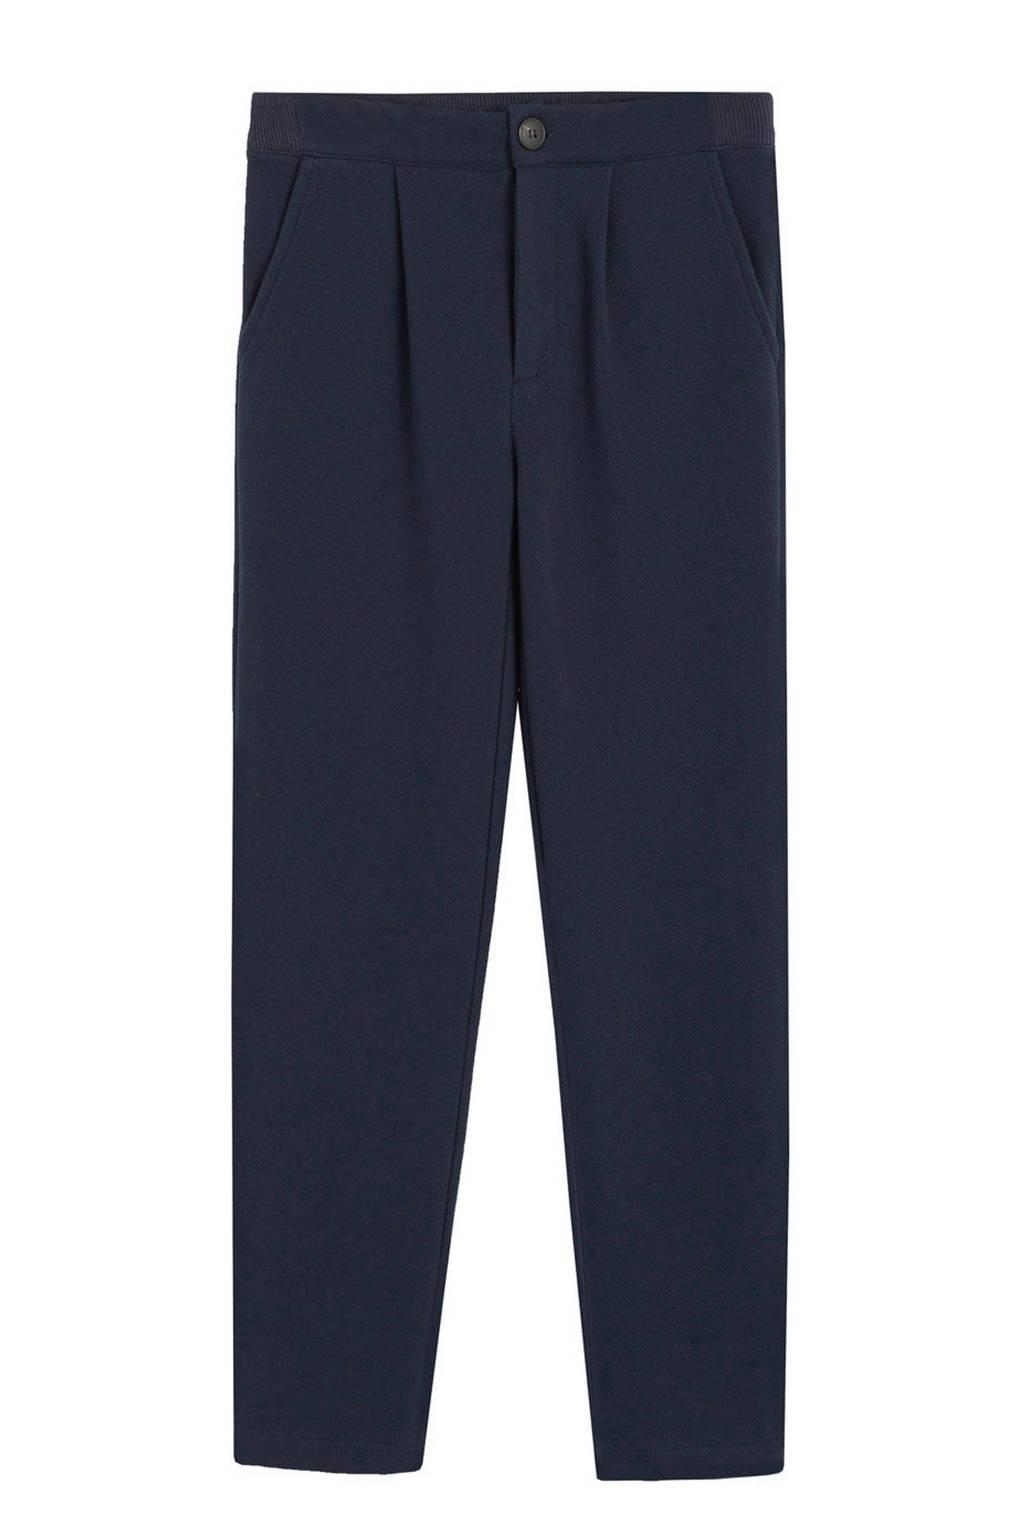 Mango Kids straight fit broek donkerblauw, Donkerblauw